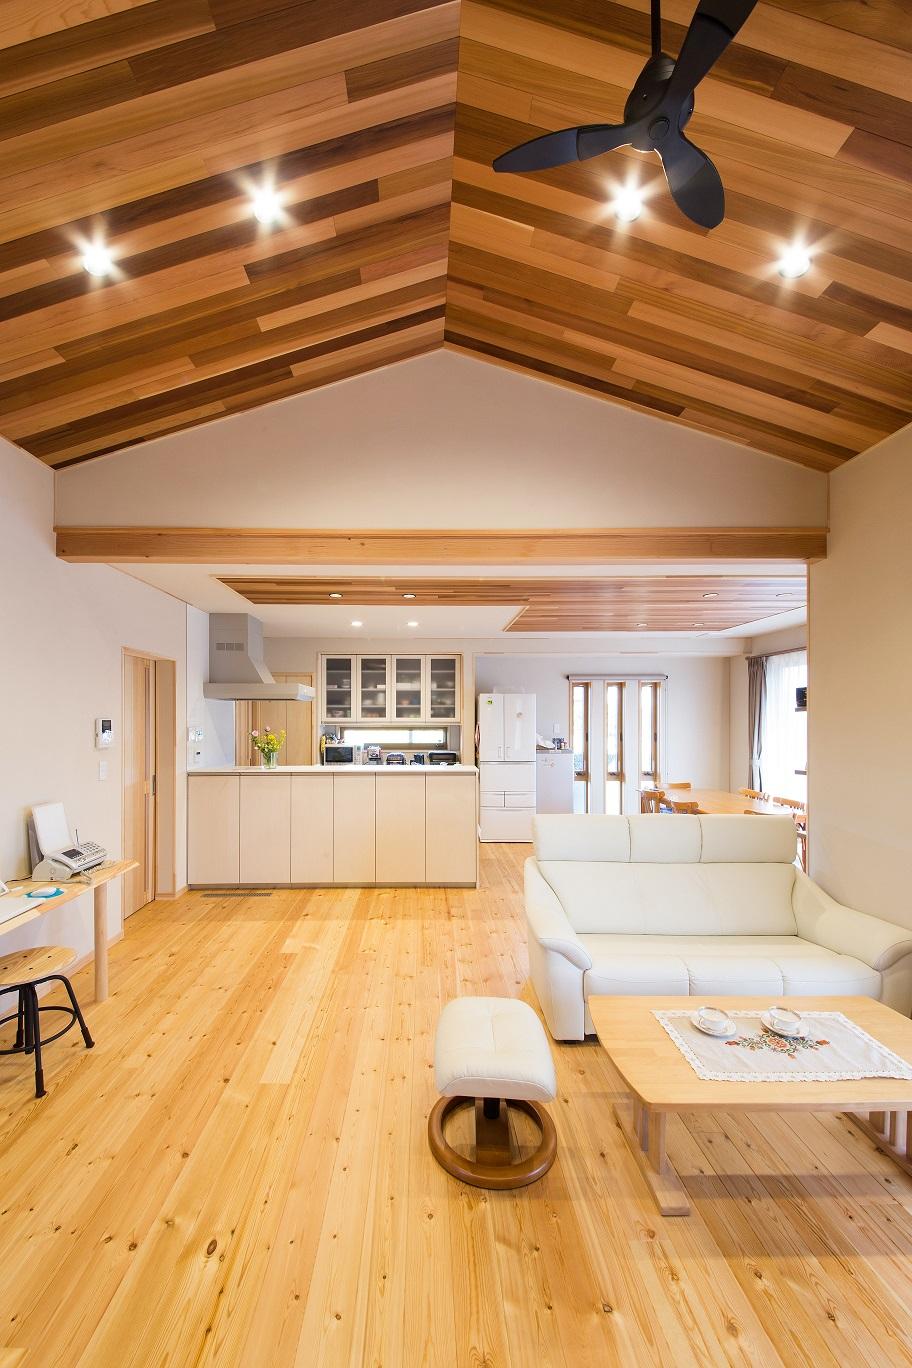 レッドシダーの無垢板張りの勾配天井がオシャレなLDKは広さにたっぷりゆとりを持たせてあり、抜群の開放感。ダイニングは二方向に開口部を設け、明るく清々しい無垢の空間で食事をゆったり楽しめる